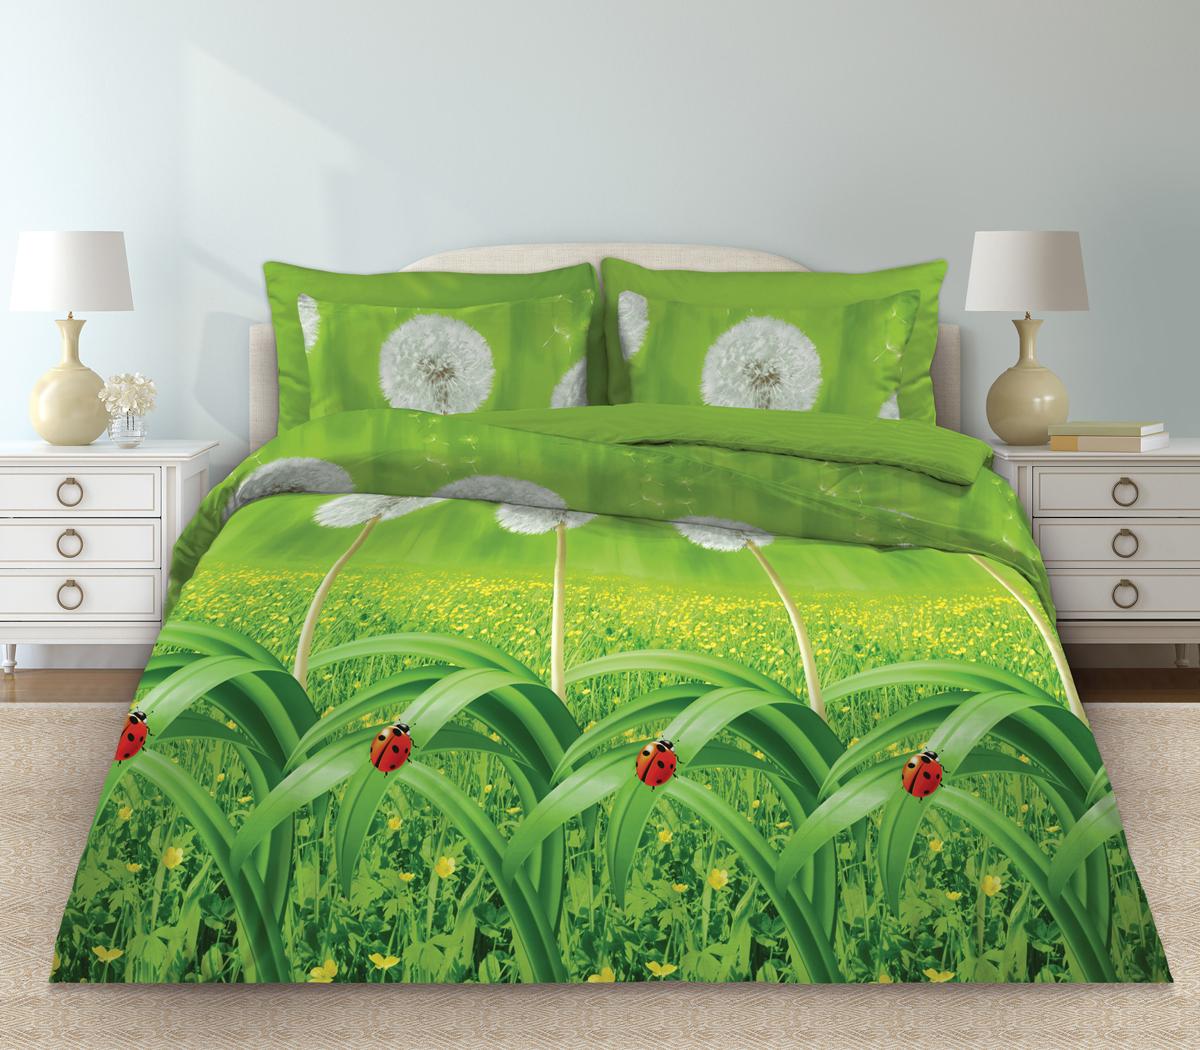 Комплект белья Любимый дом Одуванчики, 2-х спальное, наволочки 70 х 70, цвет: зеленый. 331113331113Комплект постельного белья коллекции «Любимый дом» - выполнен из высококачественной ткани из 100% хлопка. Такое белье абсолютно натуральное, гипоаллергенное, соответствует строжайшим экологическим нормам безопасности, комфортное, дышащее, не нарушает естественные процессы терморегуляции, прочное, не линяет, не деформируется и не теряет своих красок даже после многочисленных стирок, а также отличается хорошей износостойкостью.